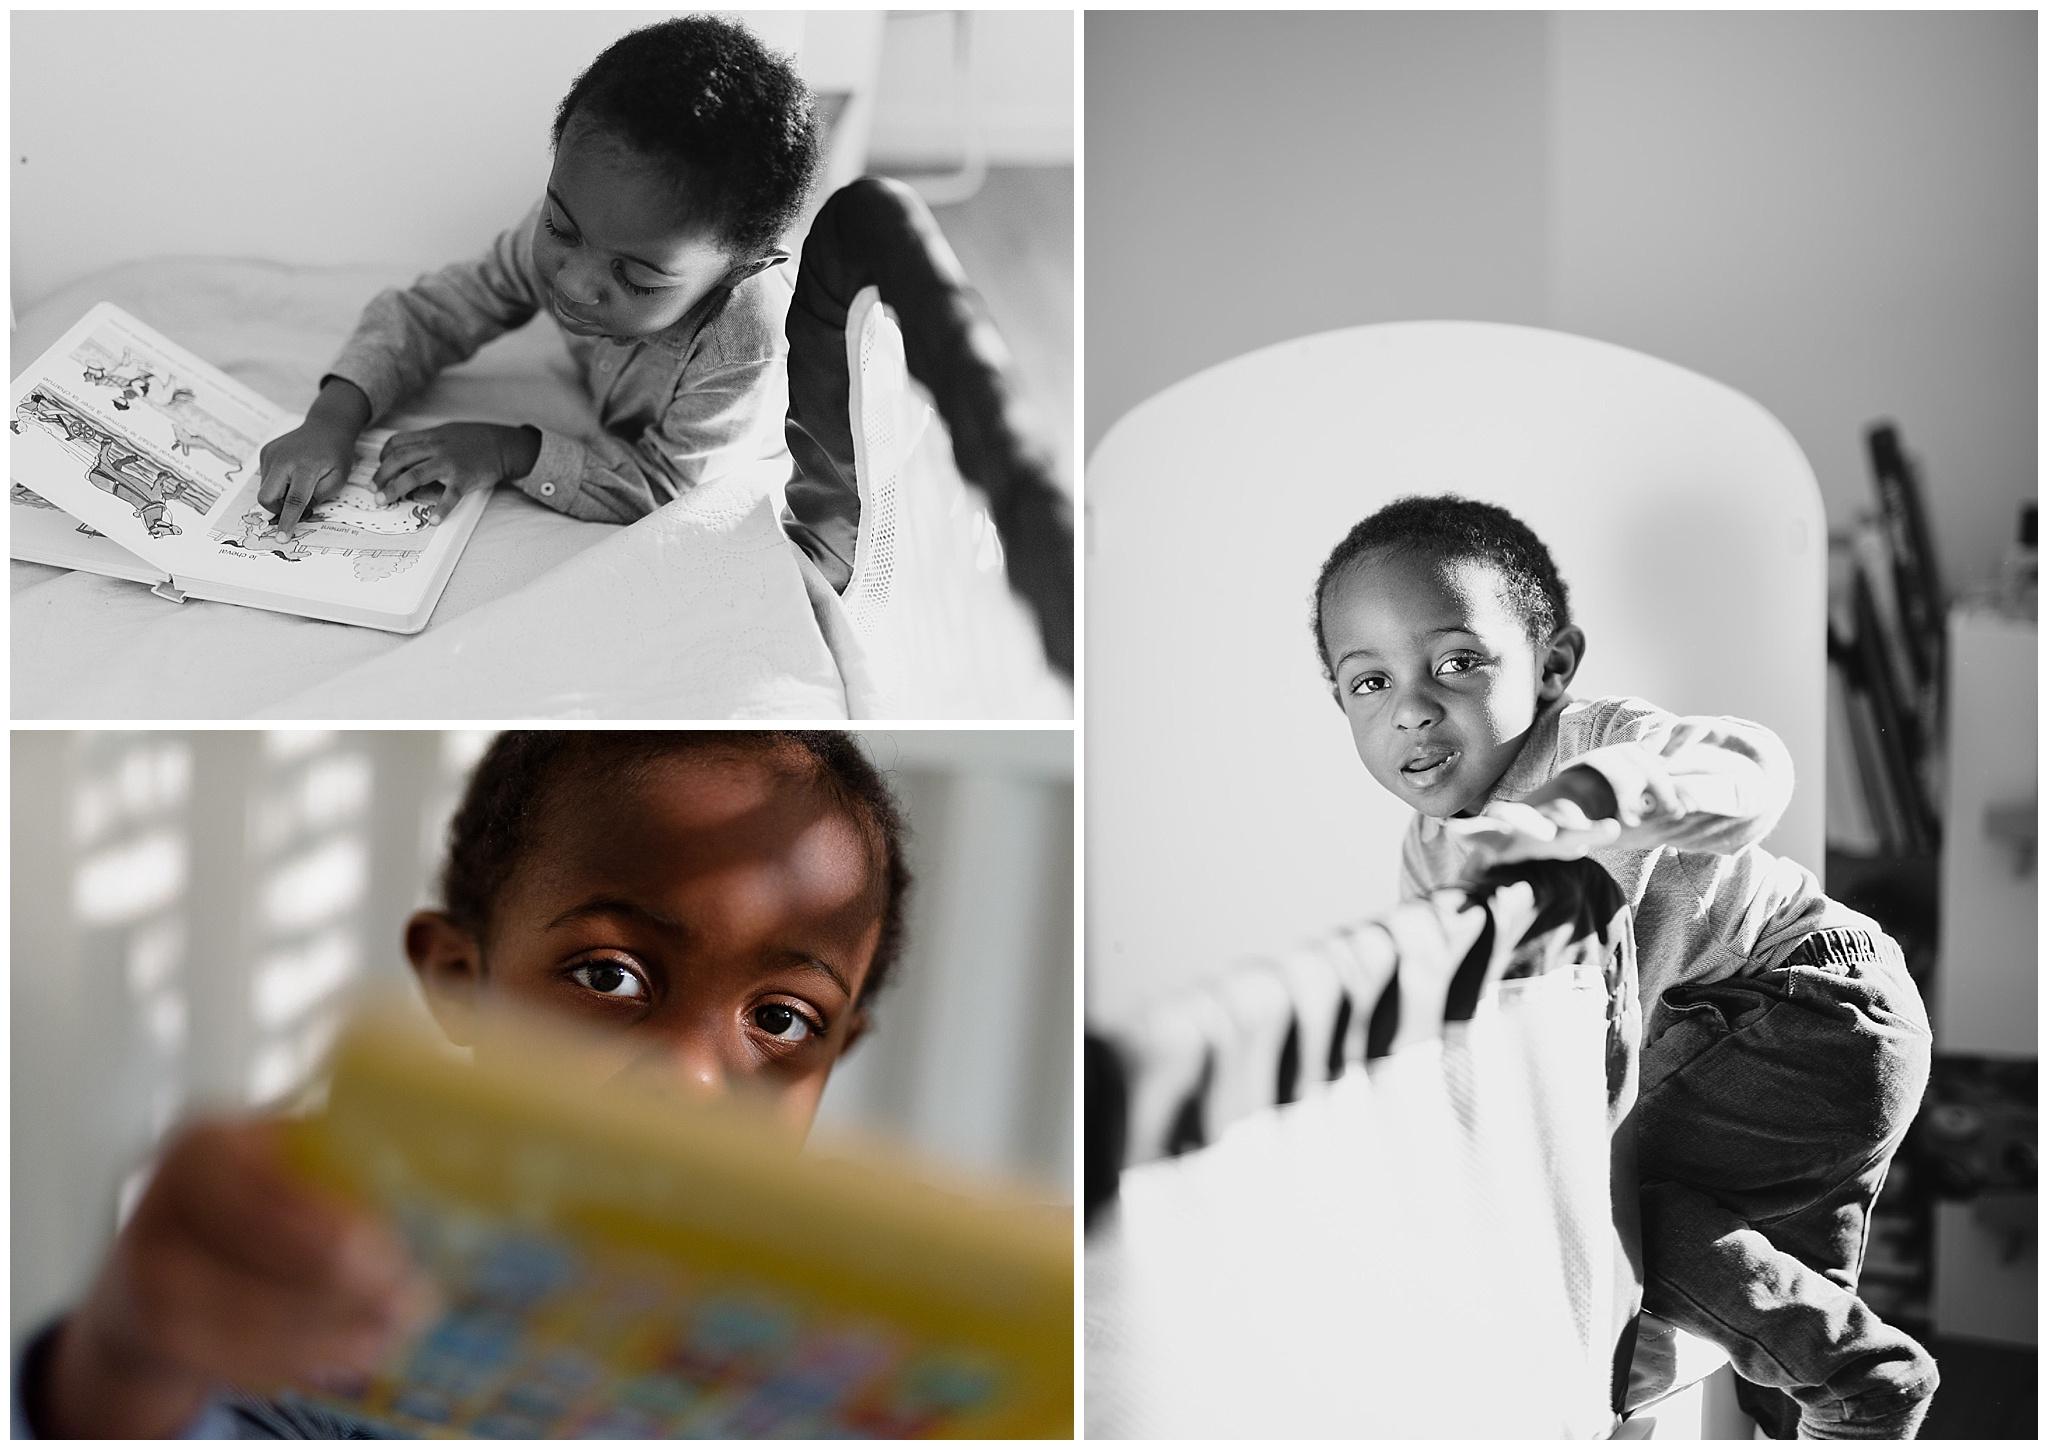 séance photo enfant famille bébé domicile nouveau-né nourrisson lifestyle 78 92 Chatou